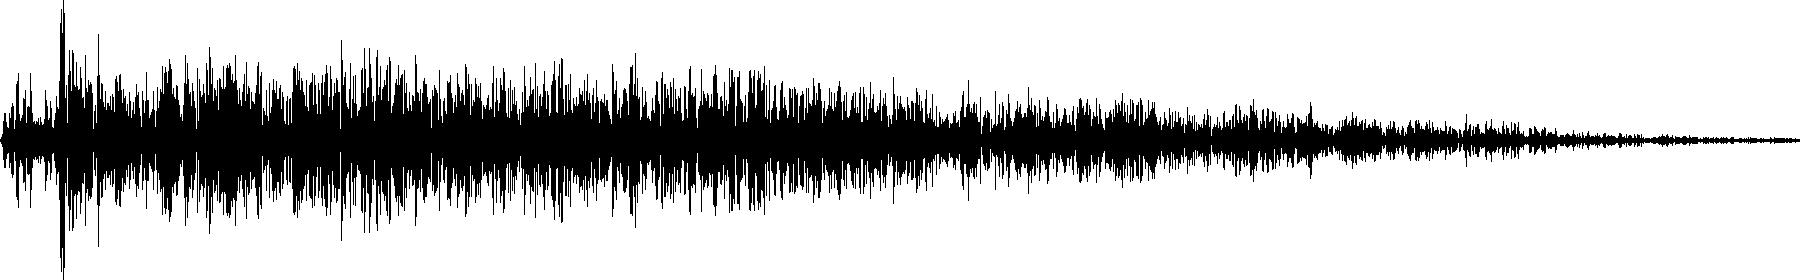 lofi cymbal 2